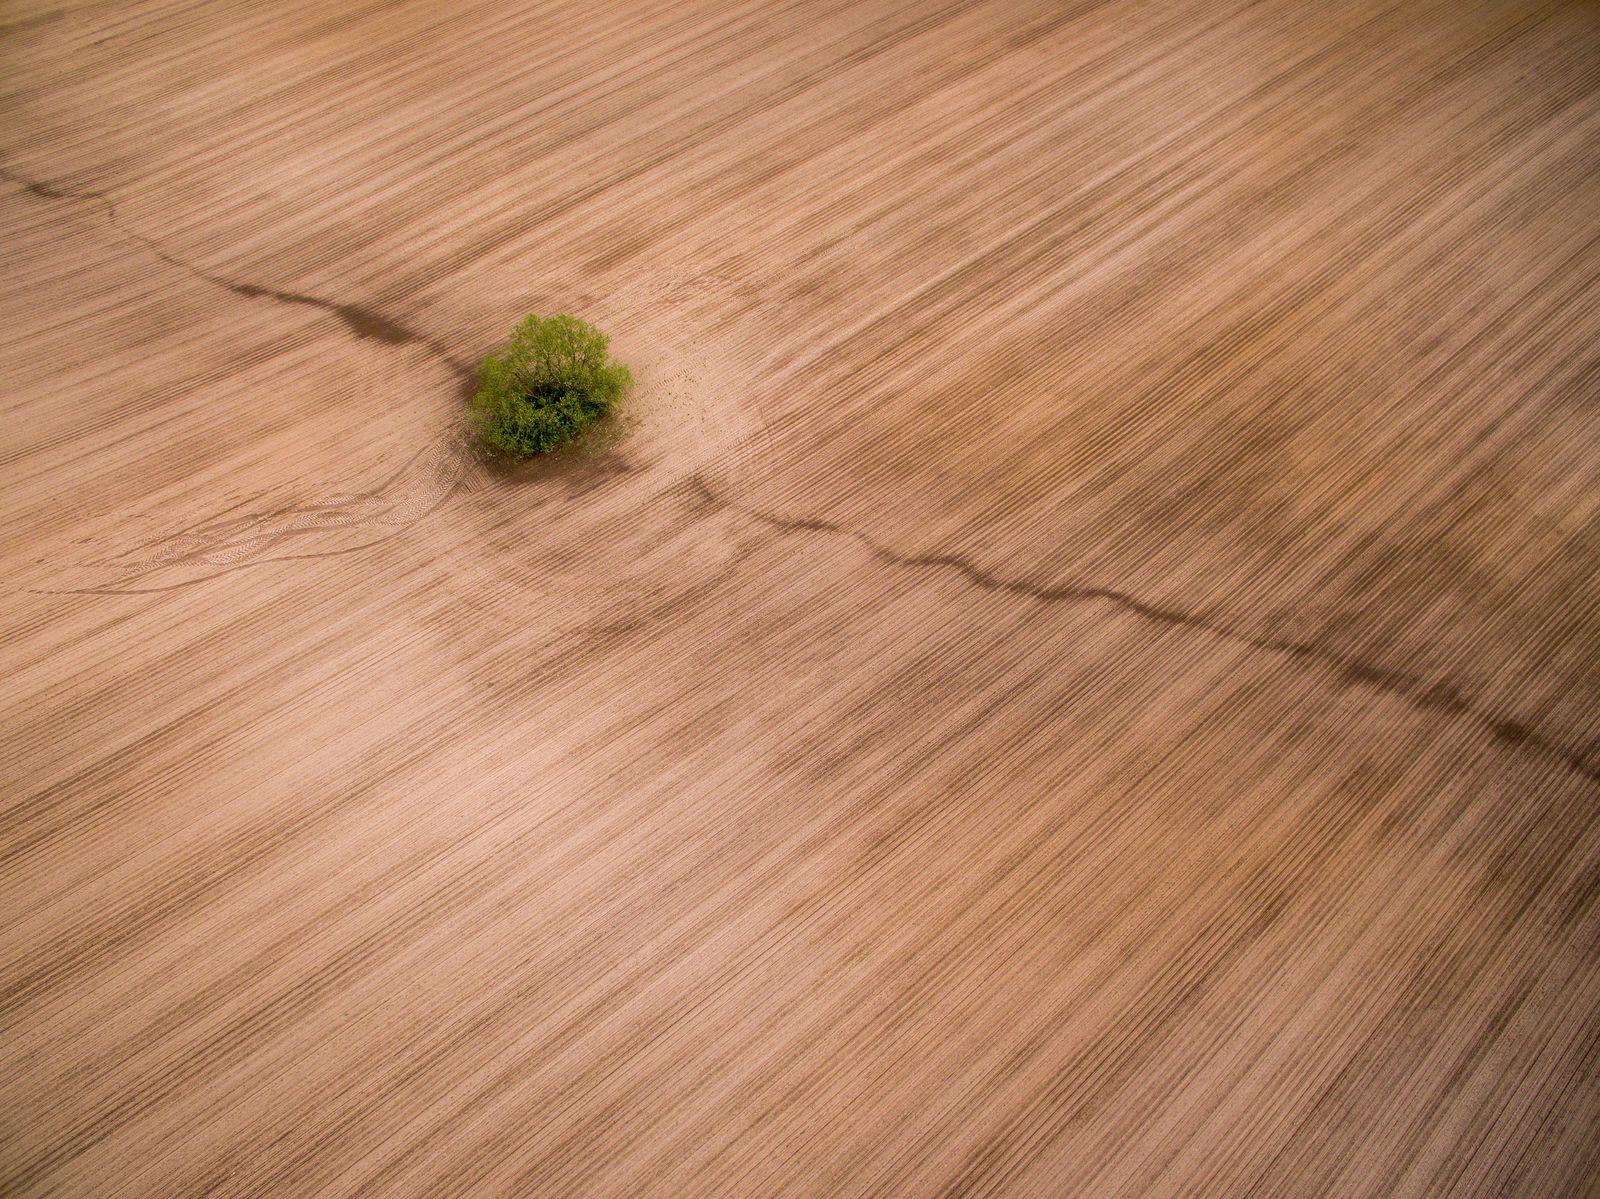 Einzelner Baum steht auf einem Feld